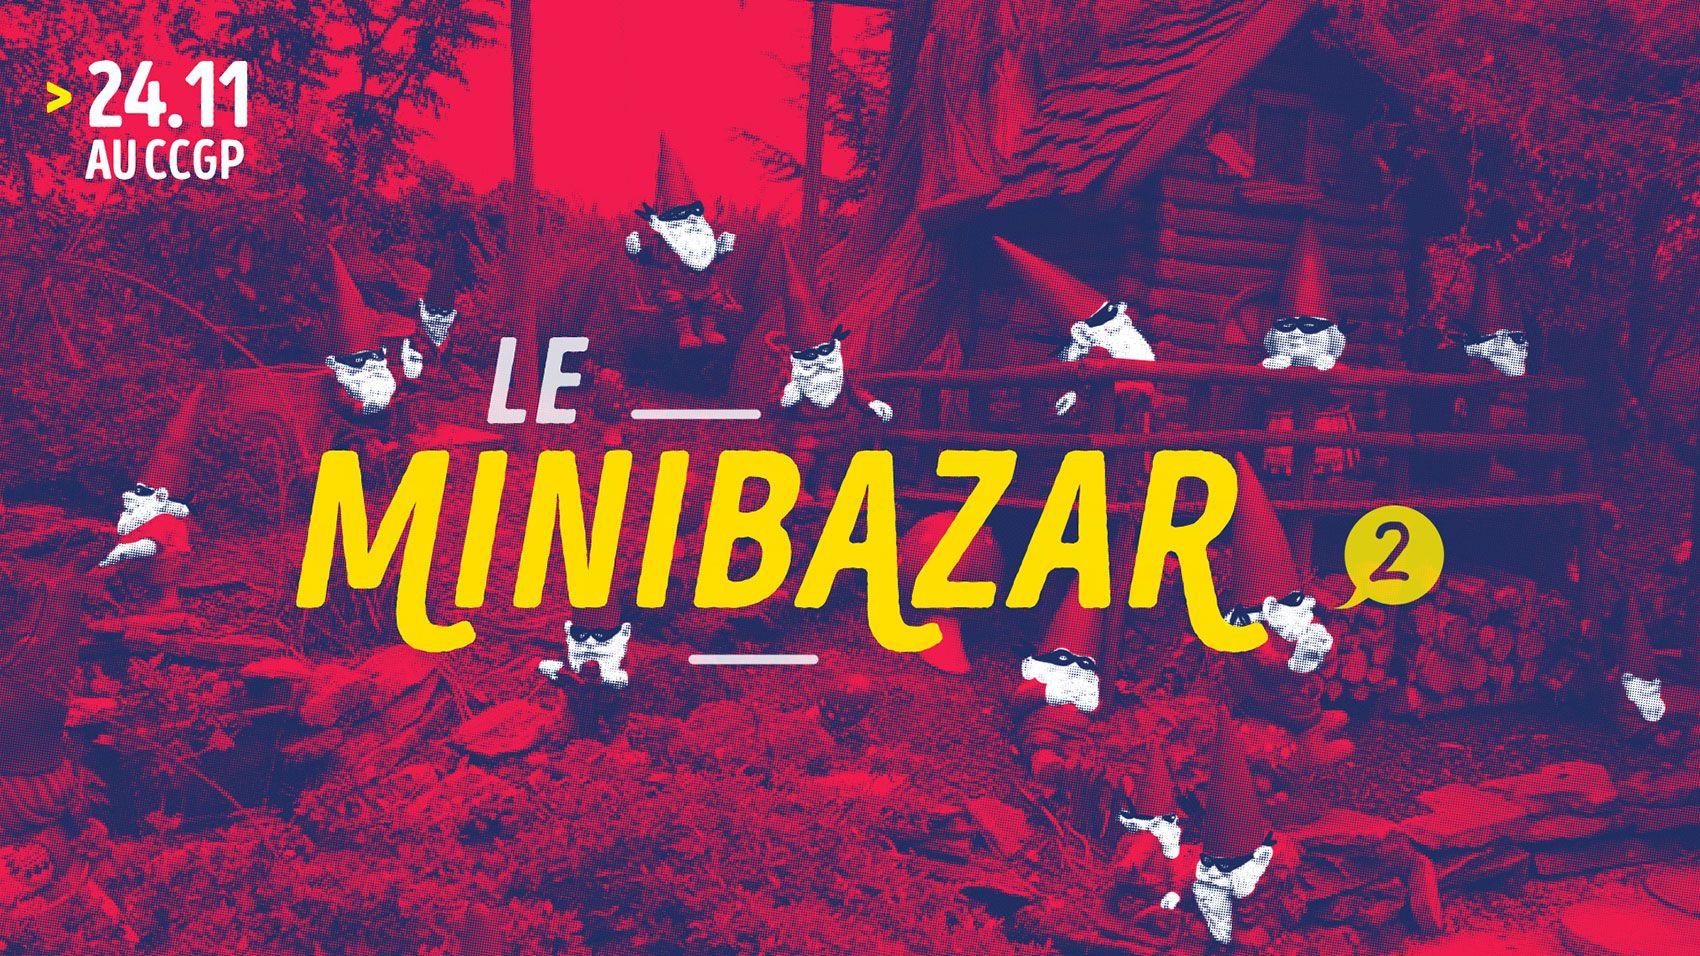 Affiche de l'événement MINIBAZAR#